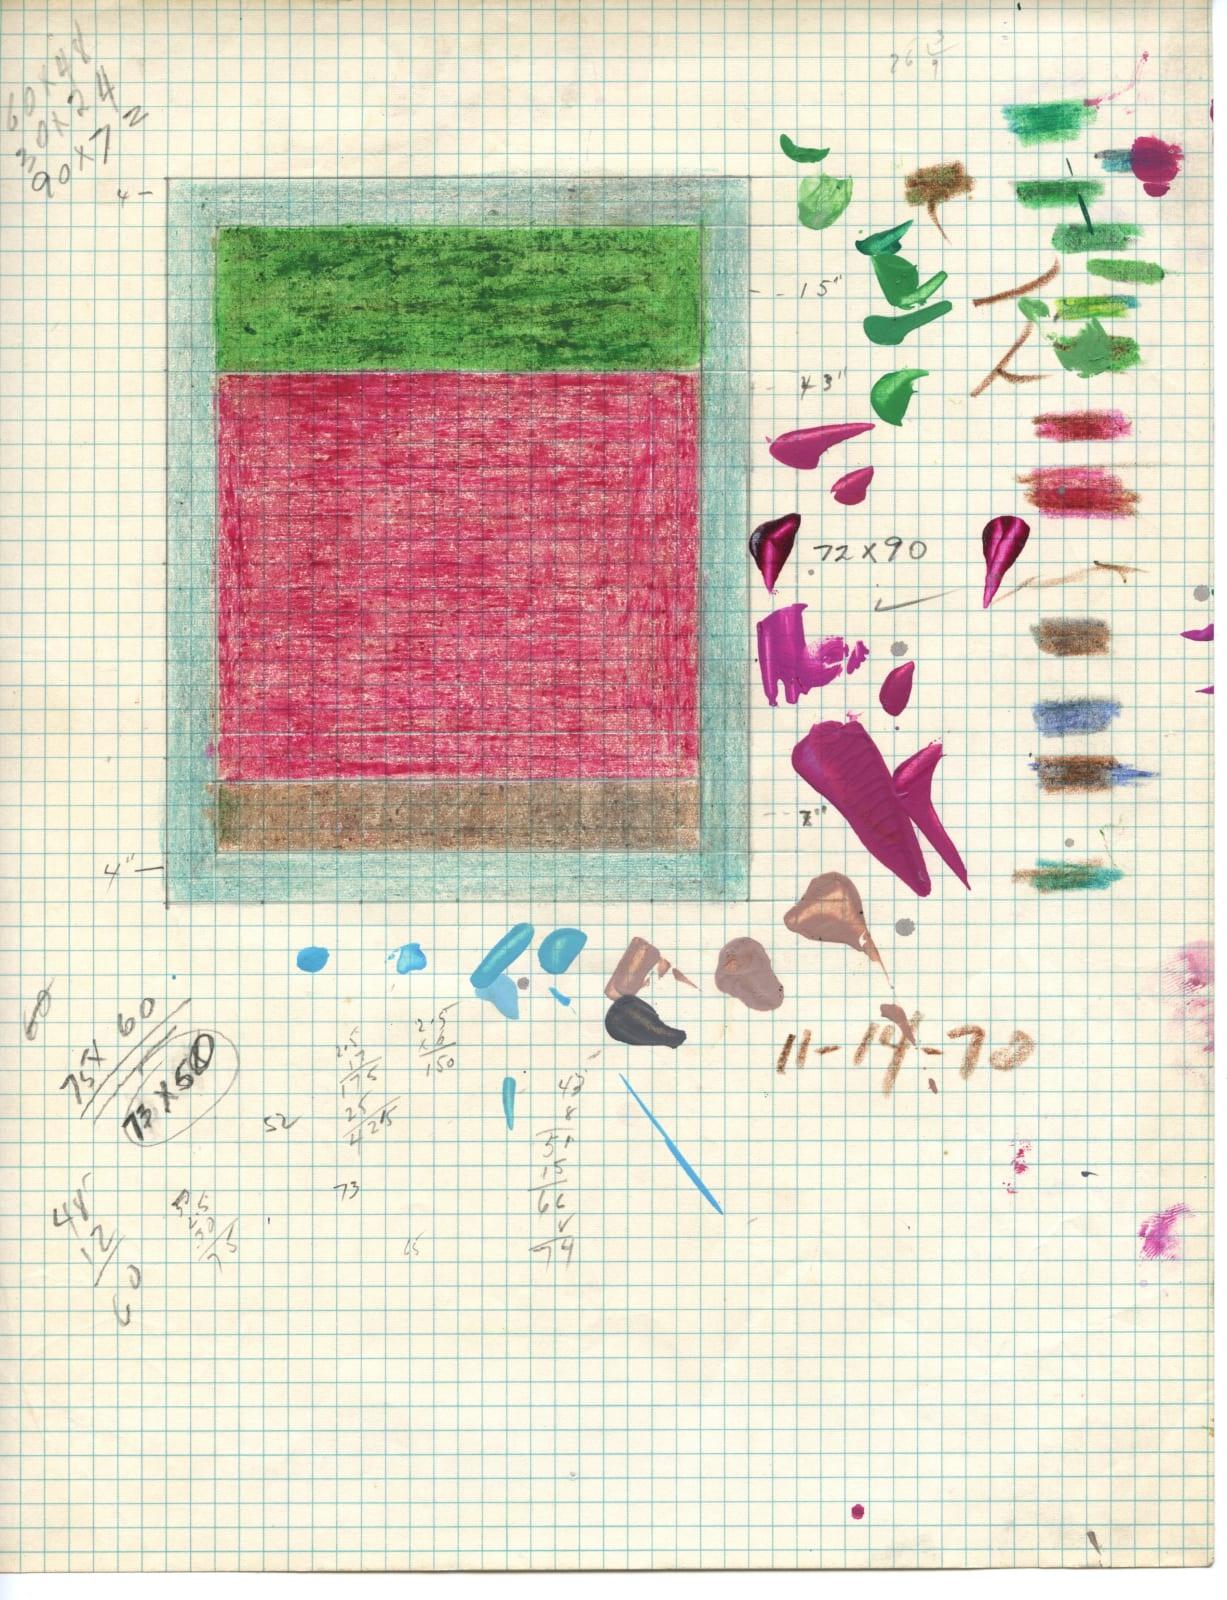 Freddy Rodríguez, Untitled (Preparatory Sketch), 1970